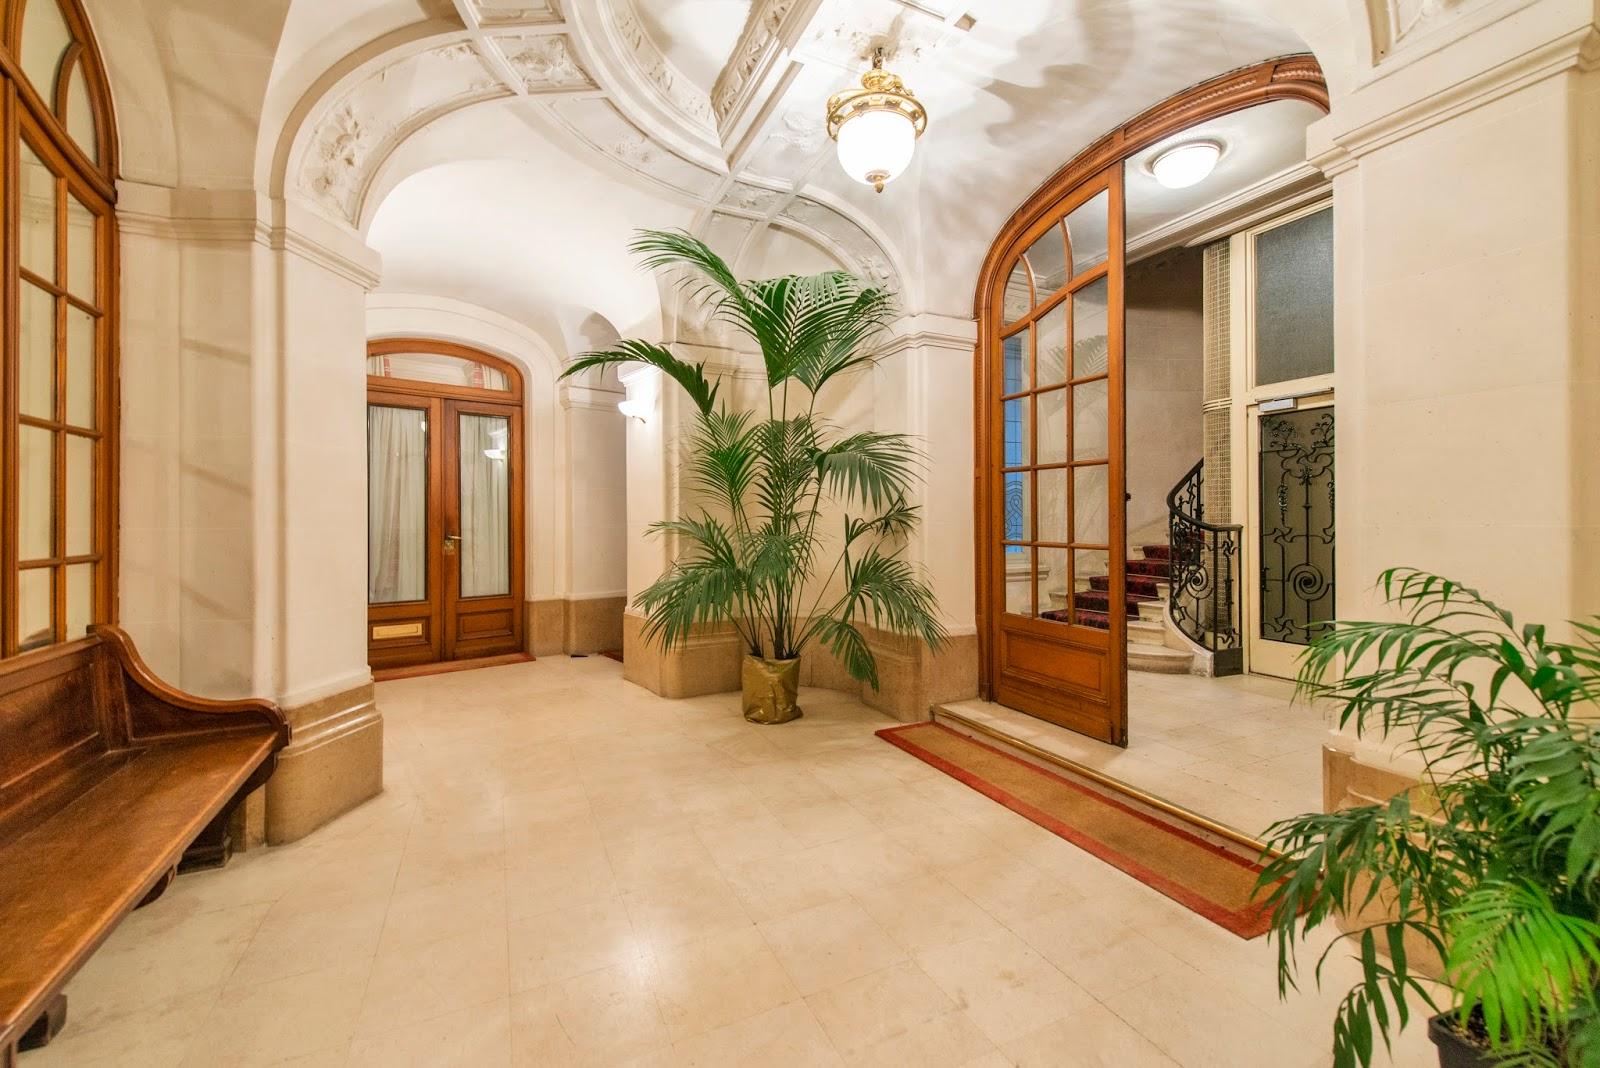 Marzua decoraci n de portales - Adornos para la casa ...